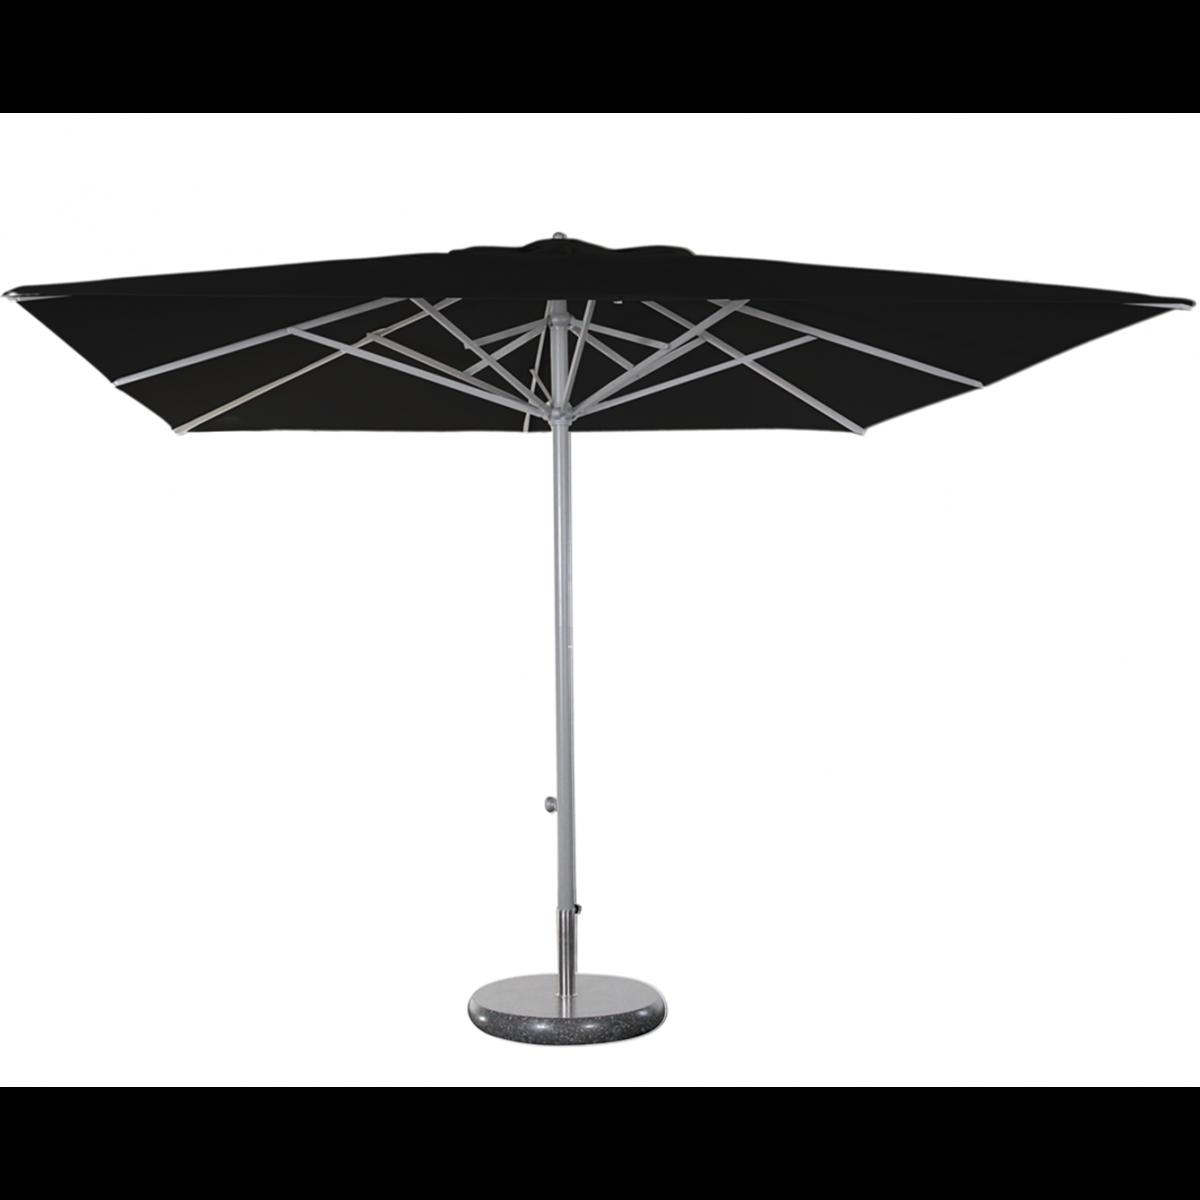 Parasol professionnel terrasse Presto SOLERO